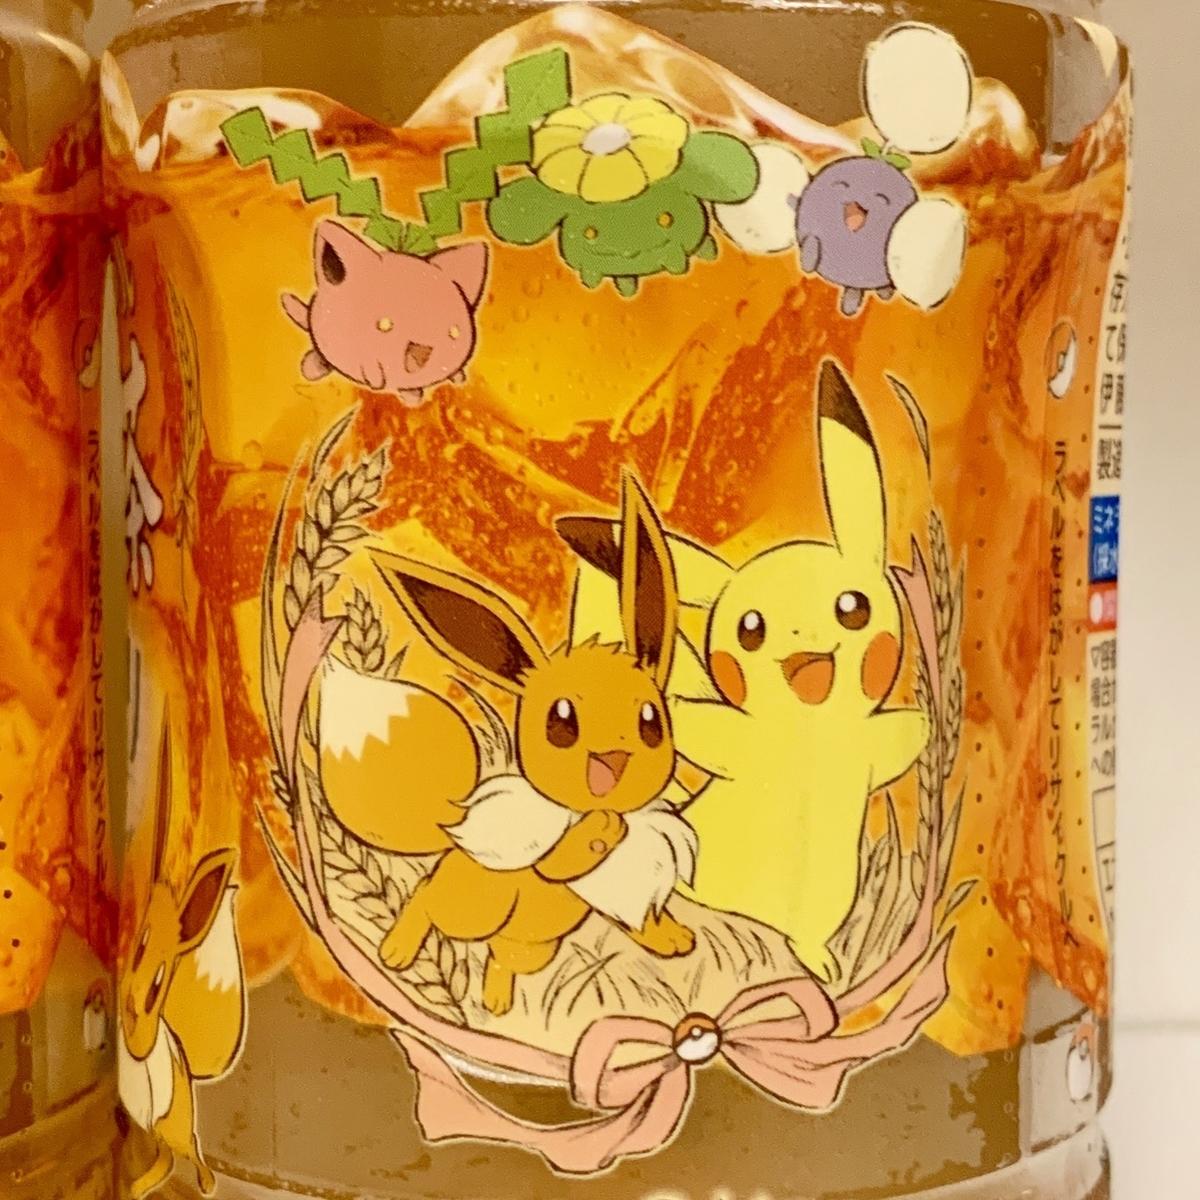 f:id:pikachu_pcn:20190625203349j:plain